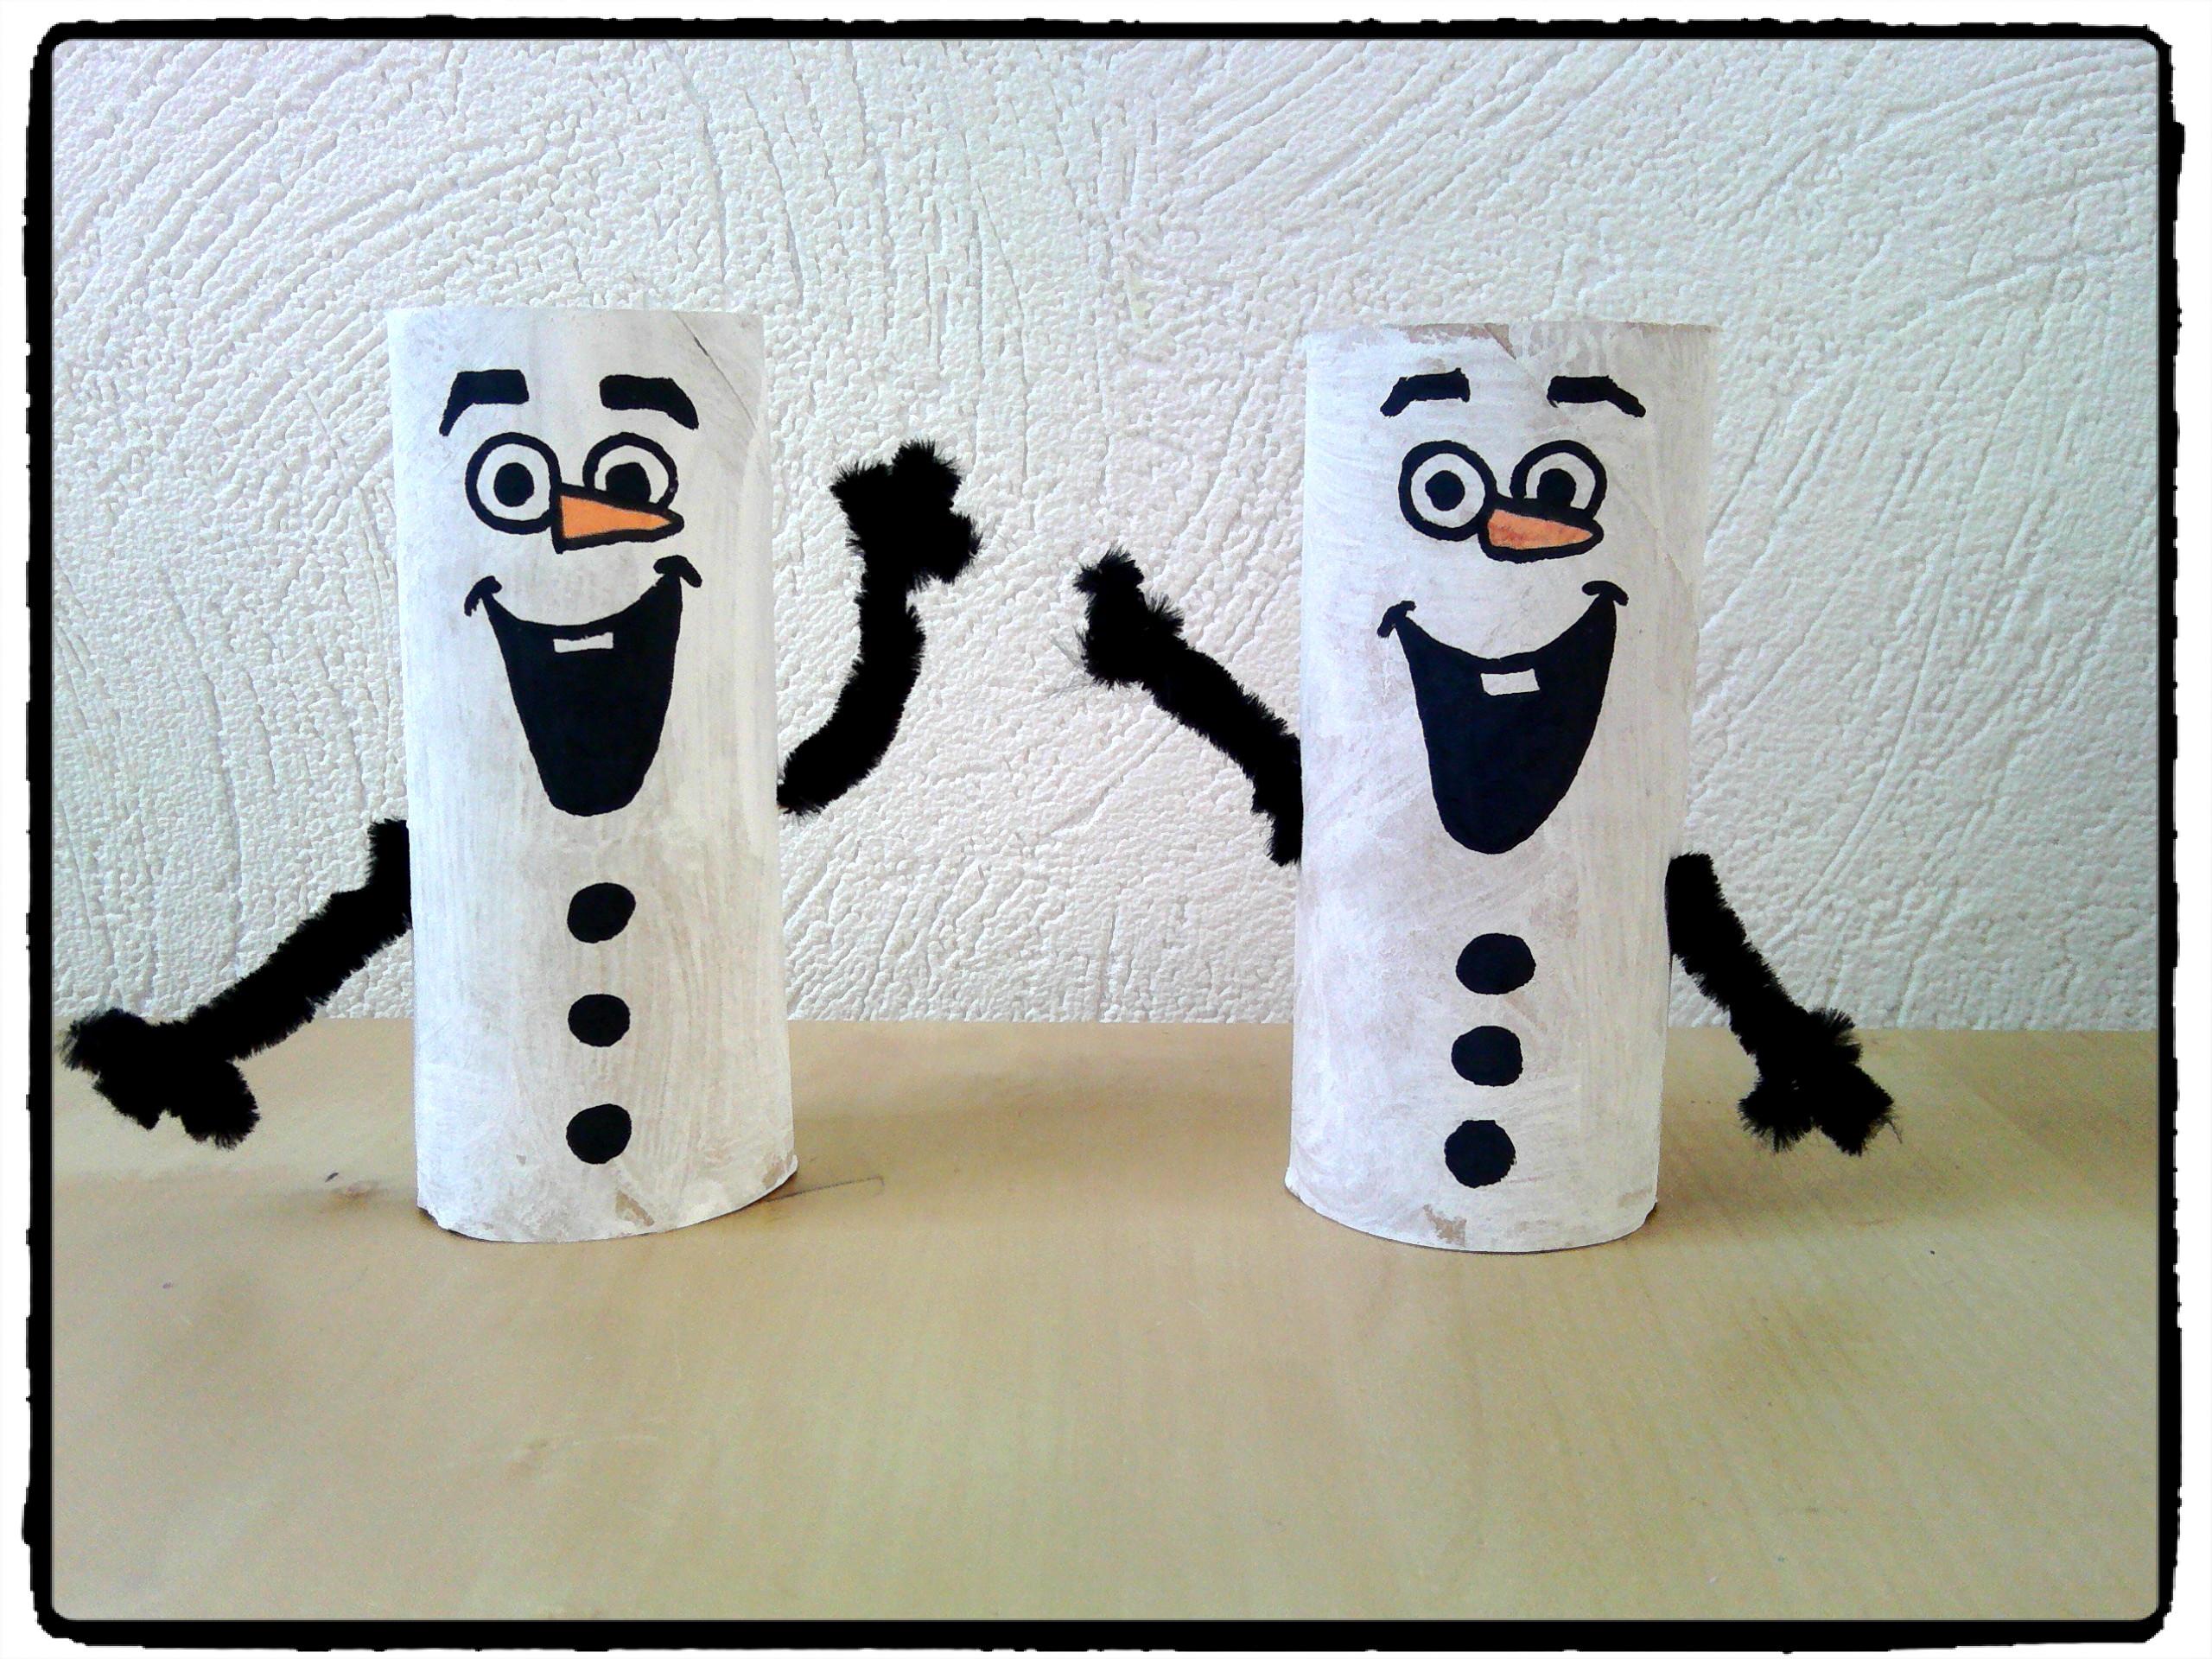 Assez Olaf en rouleau de papier de toilette - Mes humeurs créatives by Flo JO84